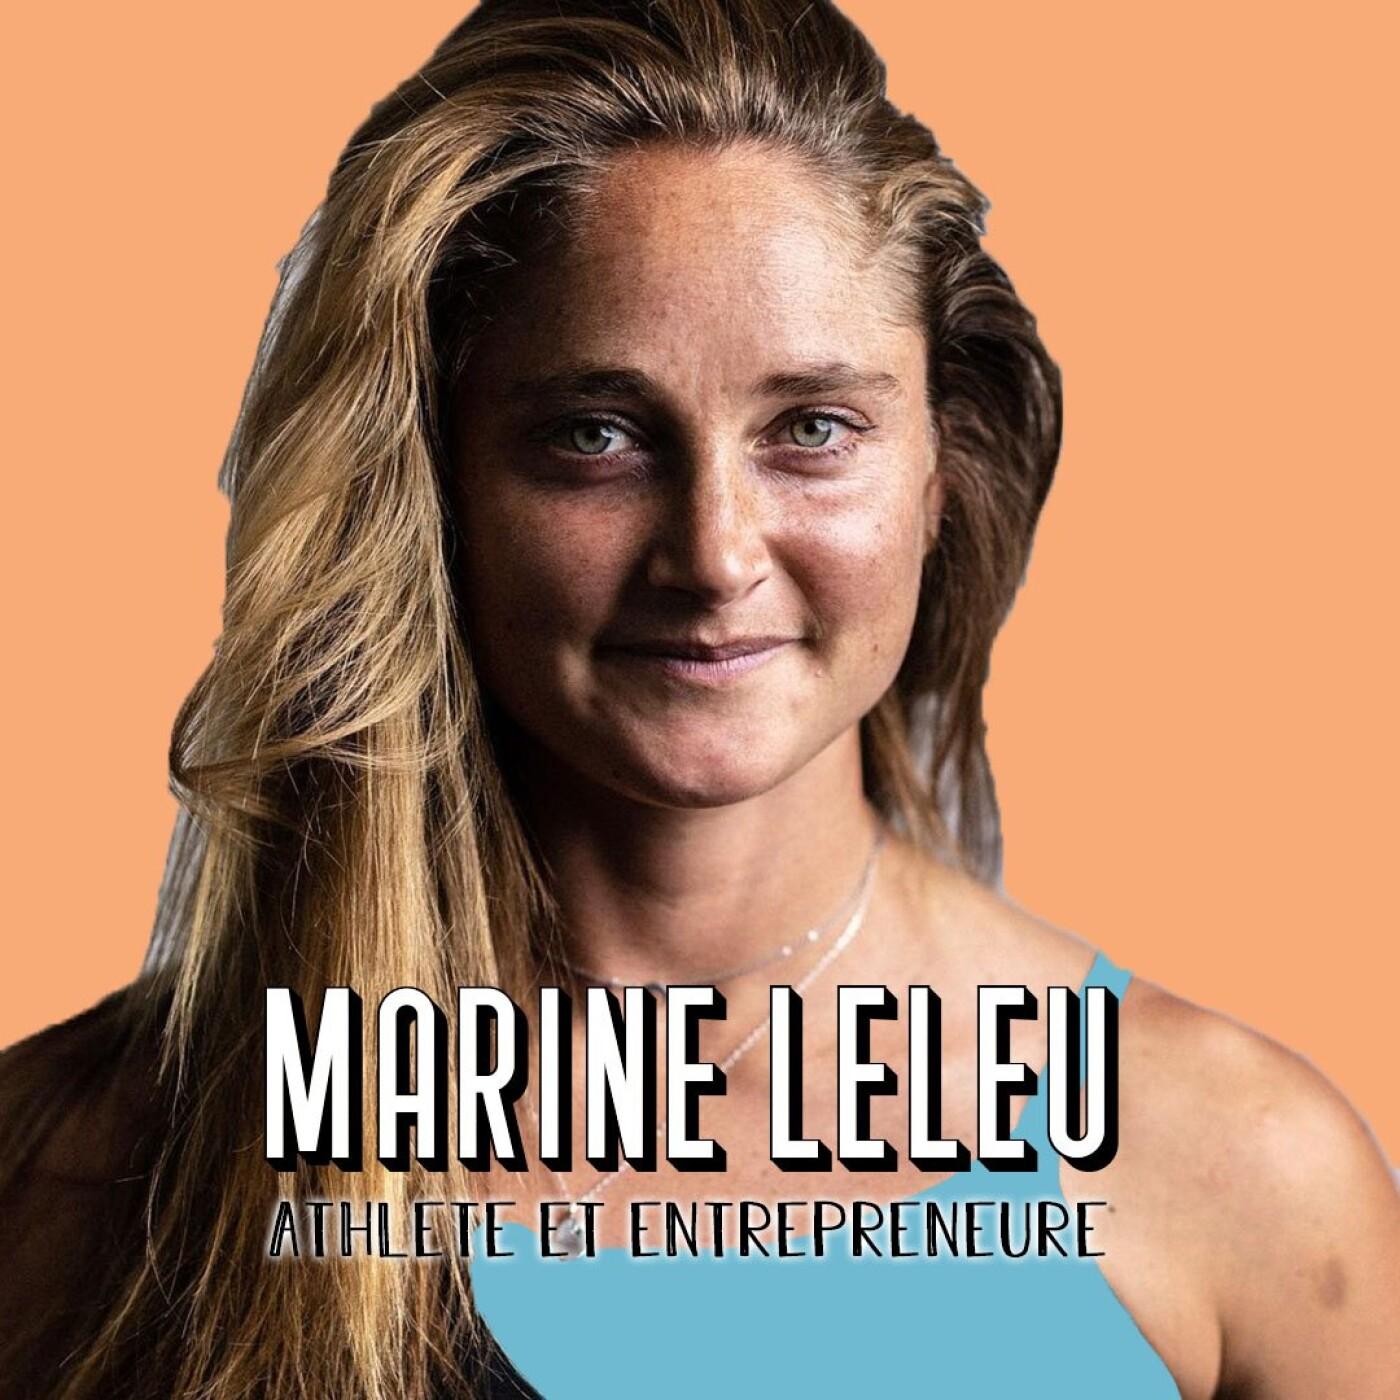 Marine Leleu, Athlète, Coach Sportive et Entrepreneure – Se dépasser, c'est se sentir vivre